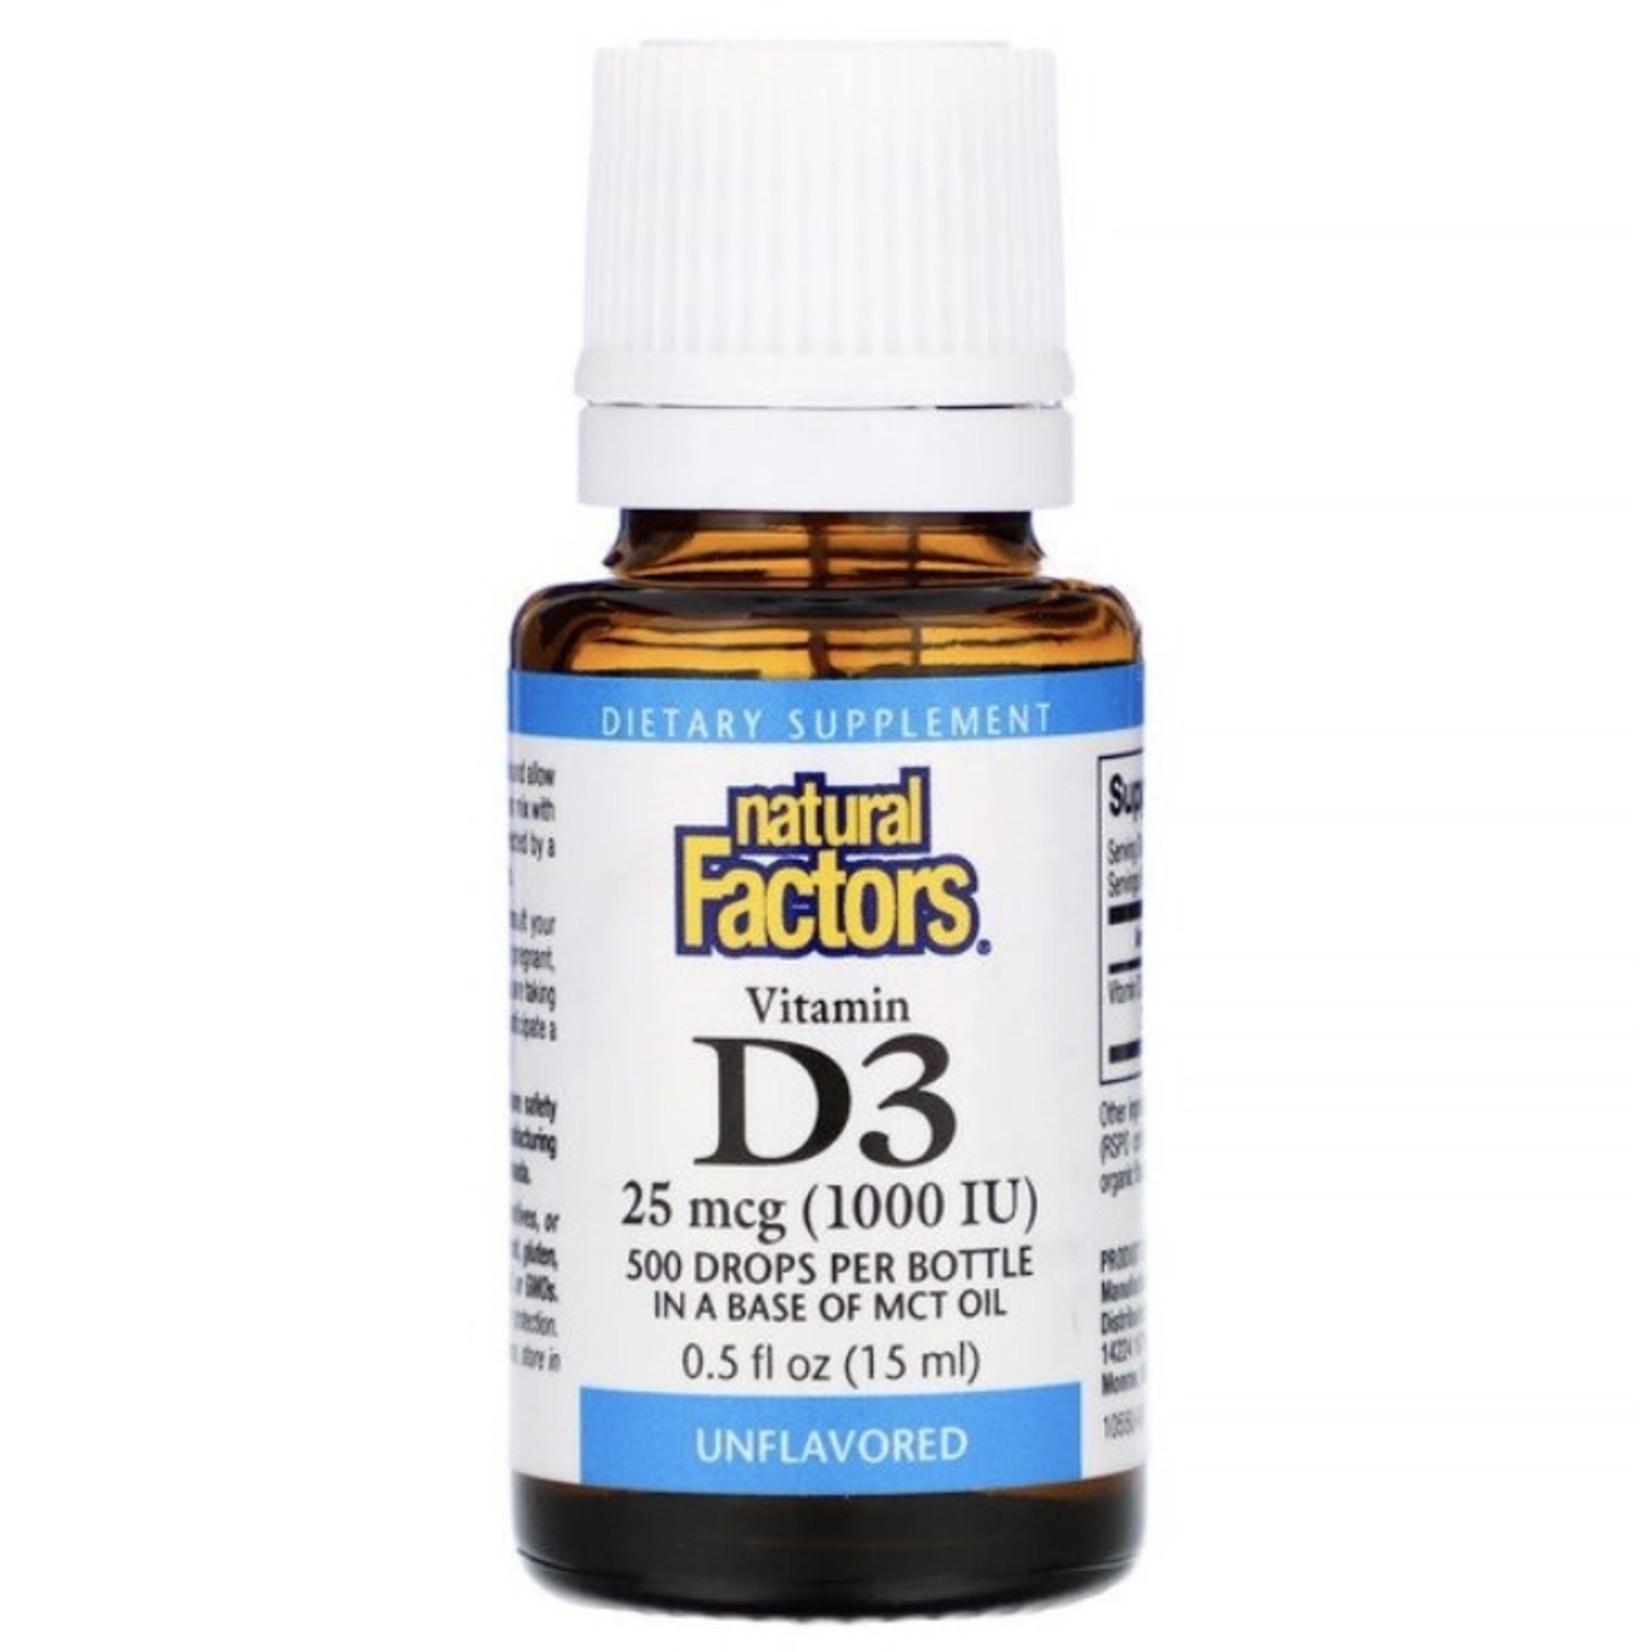 Natural Factors Natural Factors Vitamin D3 1000IU 15ml